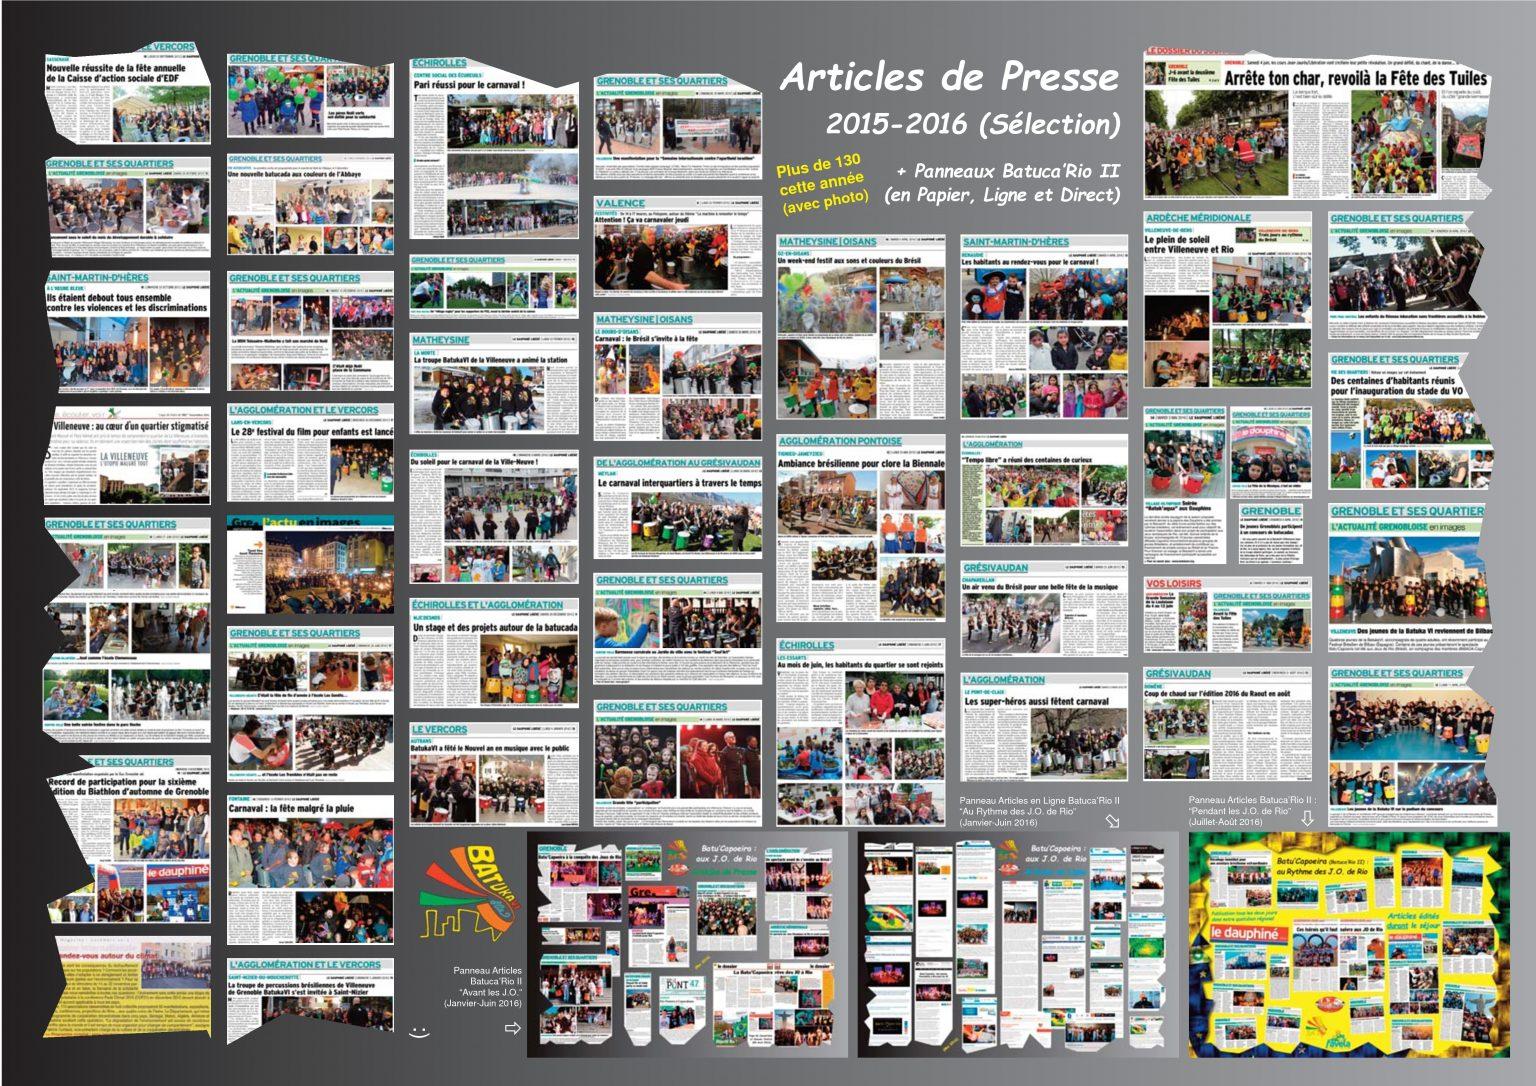 BatukaVI - Panneau Articles 2016-09 Année Scolaire 2015-2016